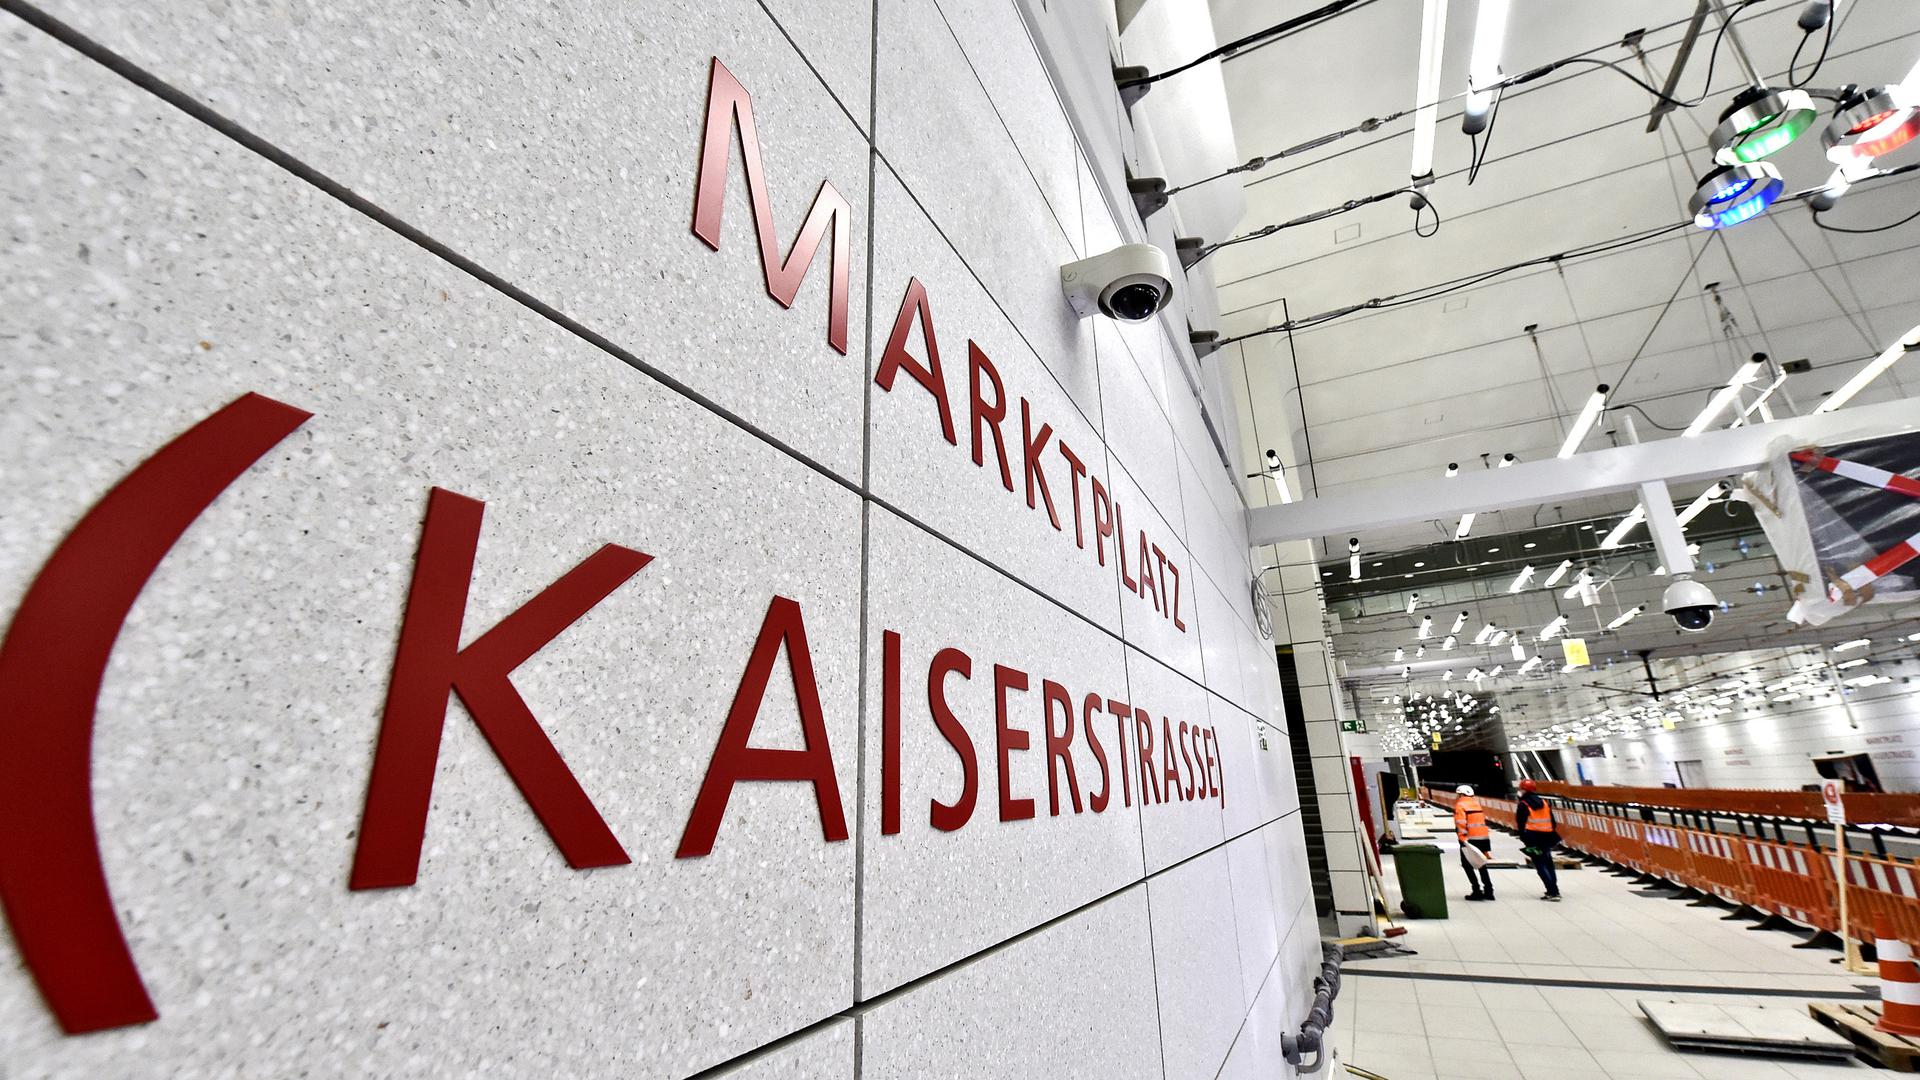 27.04.2021 Baustellentermin im Karlsruher Untergrund. Besichtigung der Fertigstellung des U-Strab Projektes mit KASIG Pressesprecher Achim Winkel